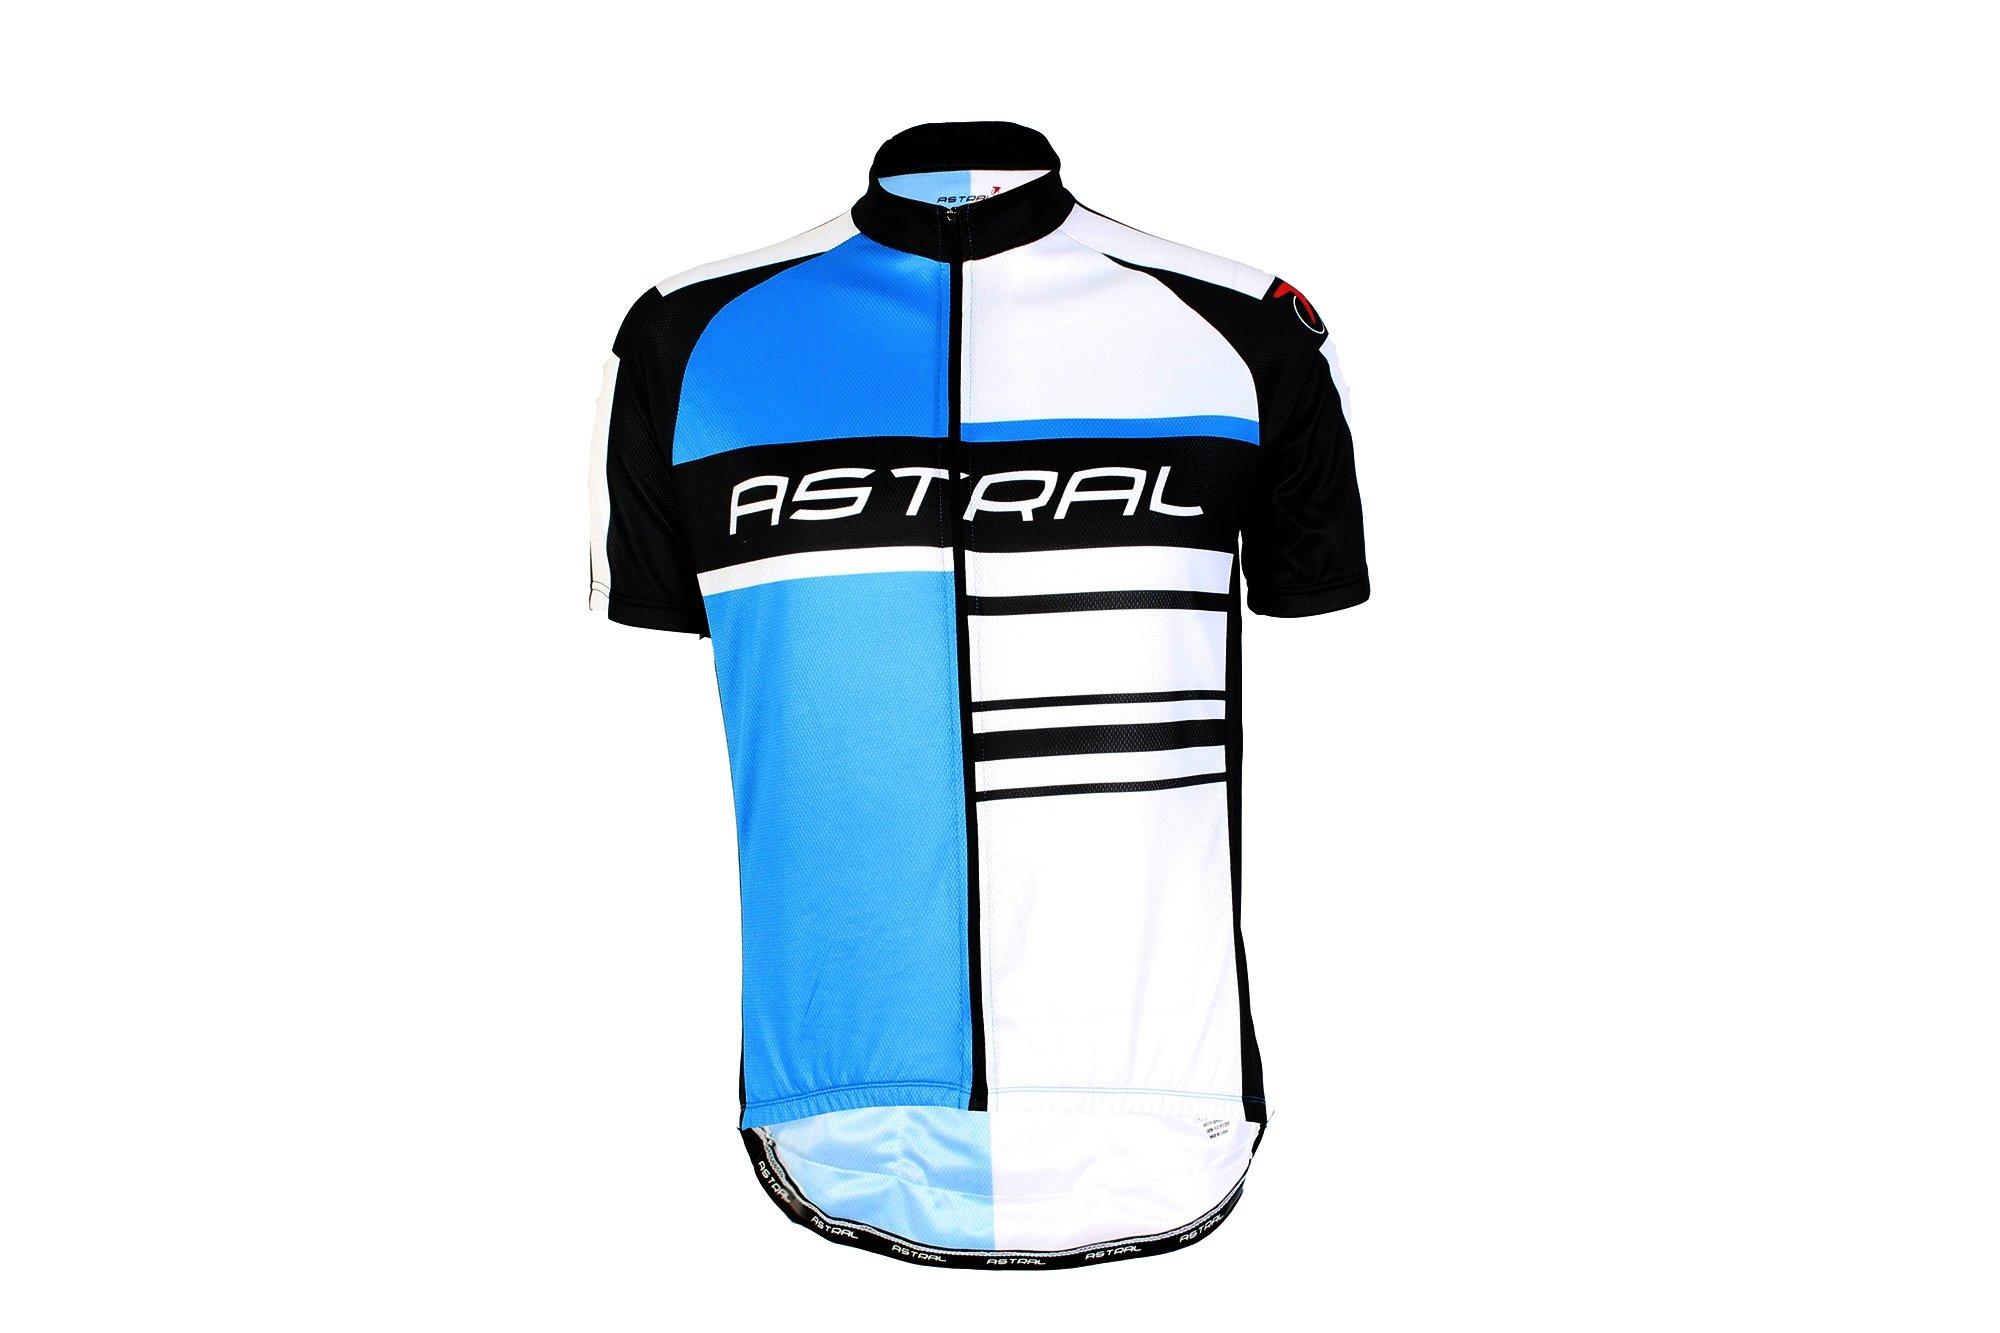 Astral kort�rmet cykeltr�je logo bl�/hvid/Sort